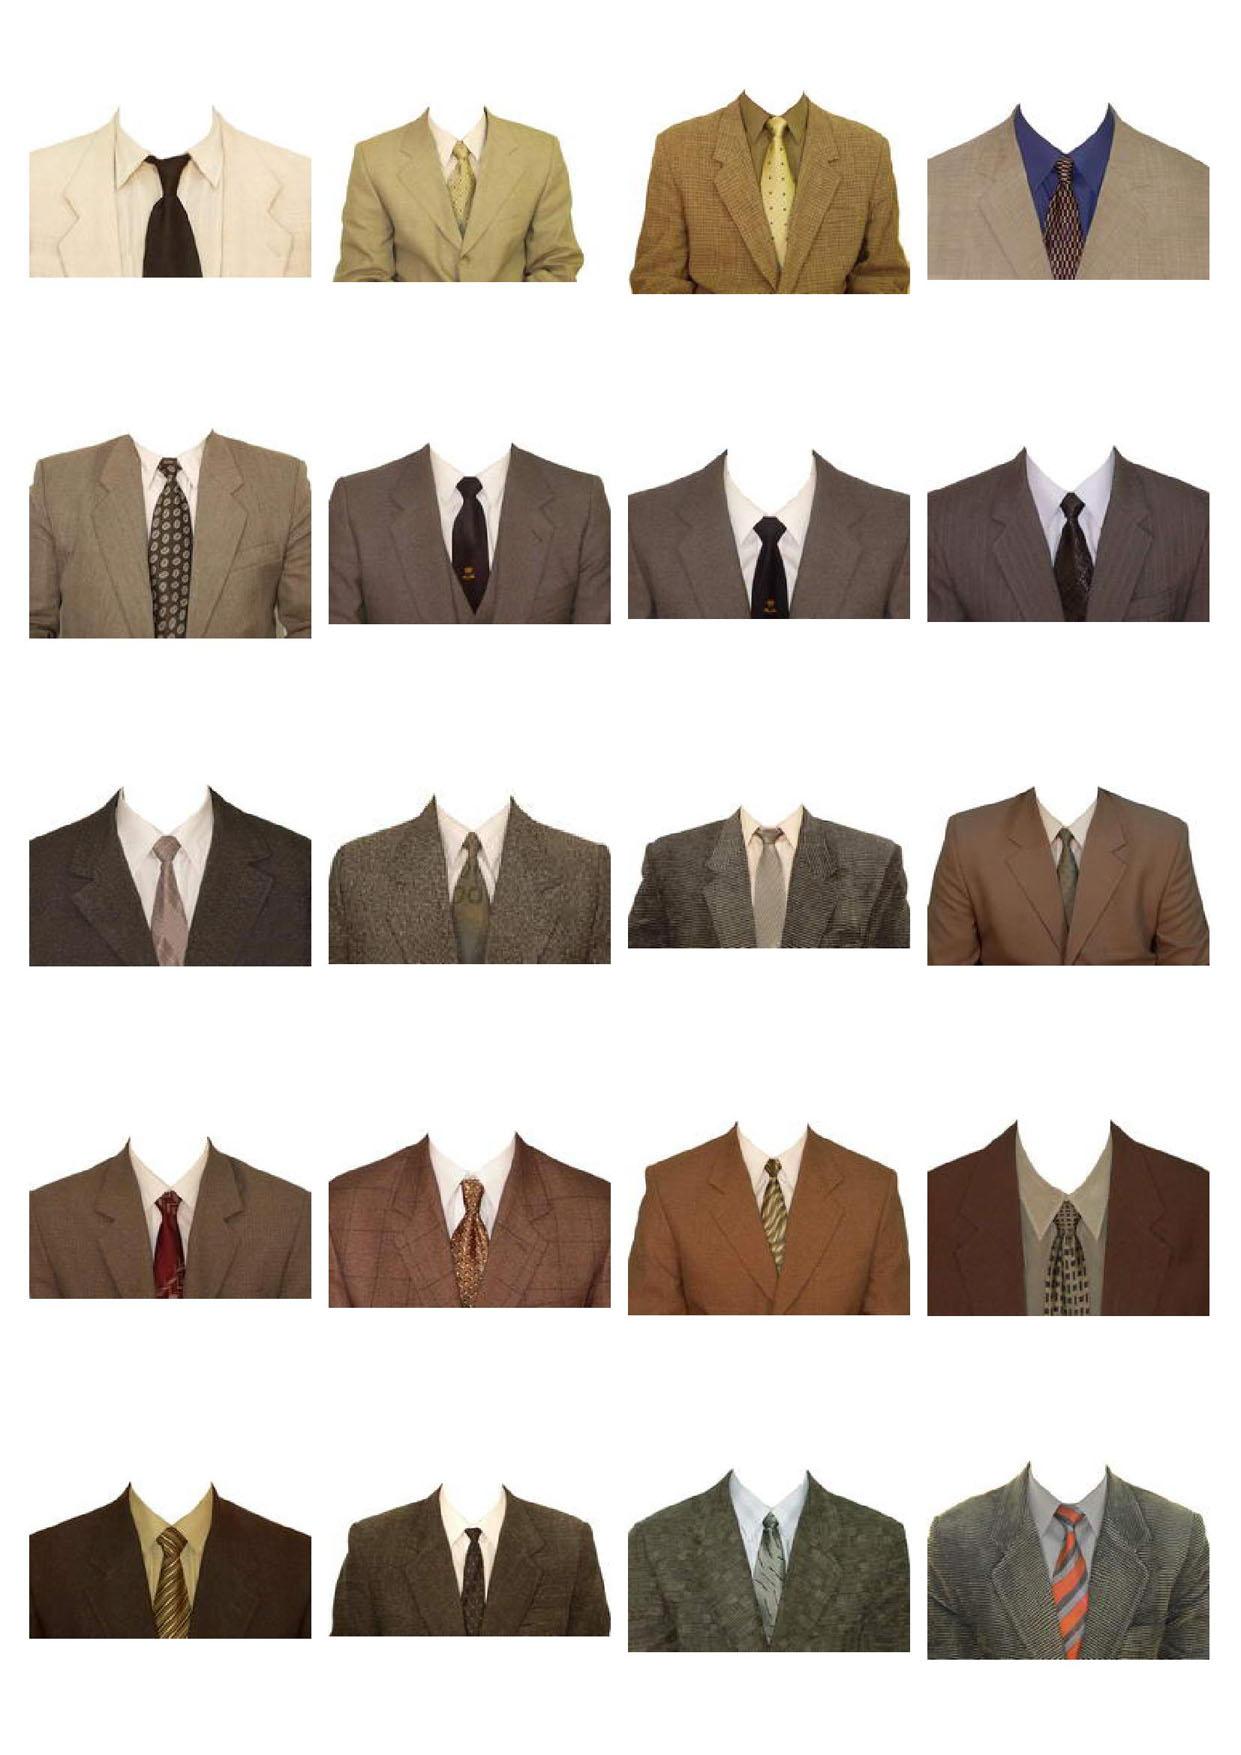 пиджаки и костюмы для фотошопа в psd